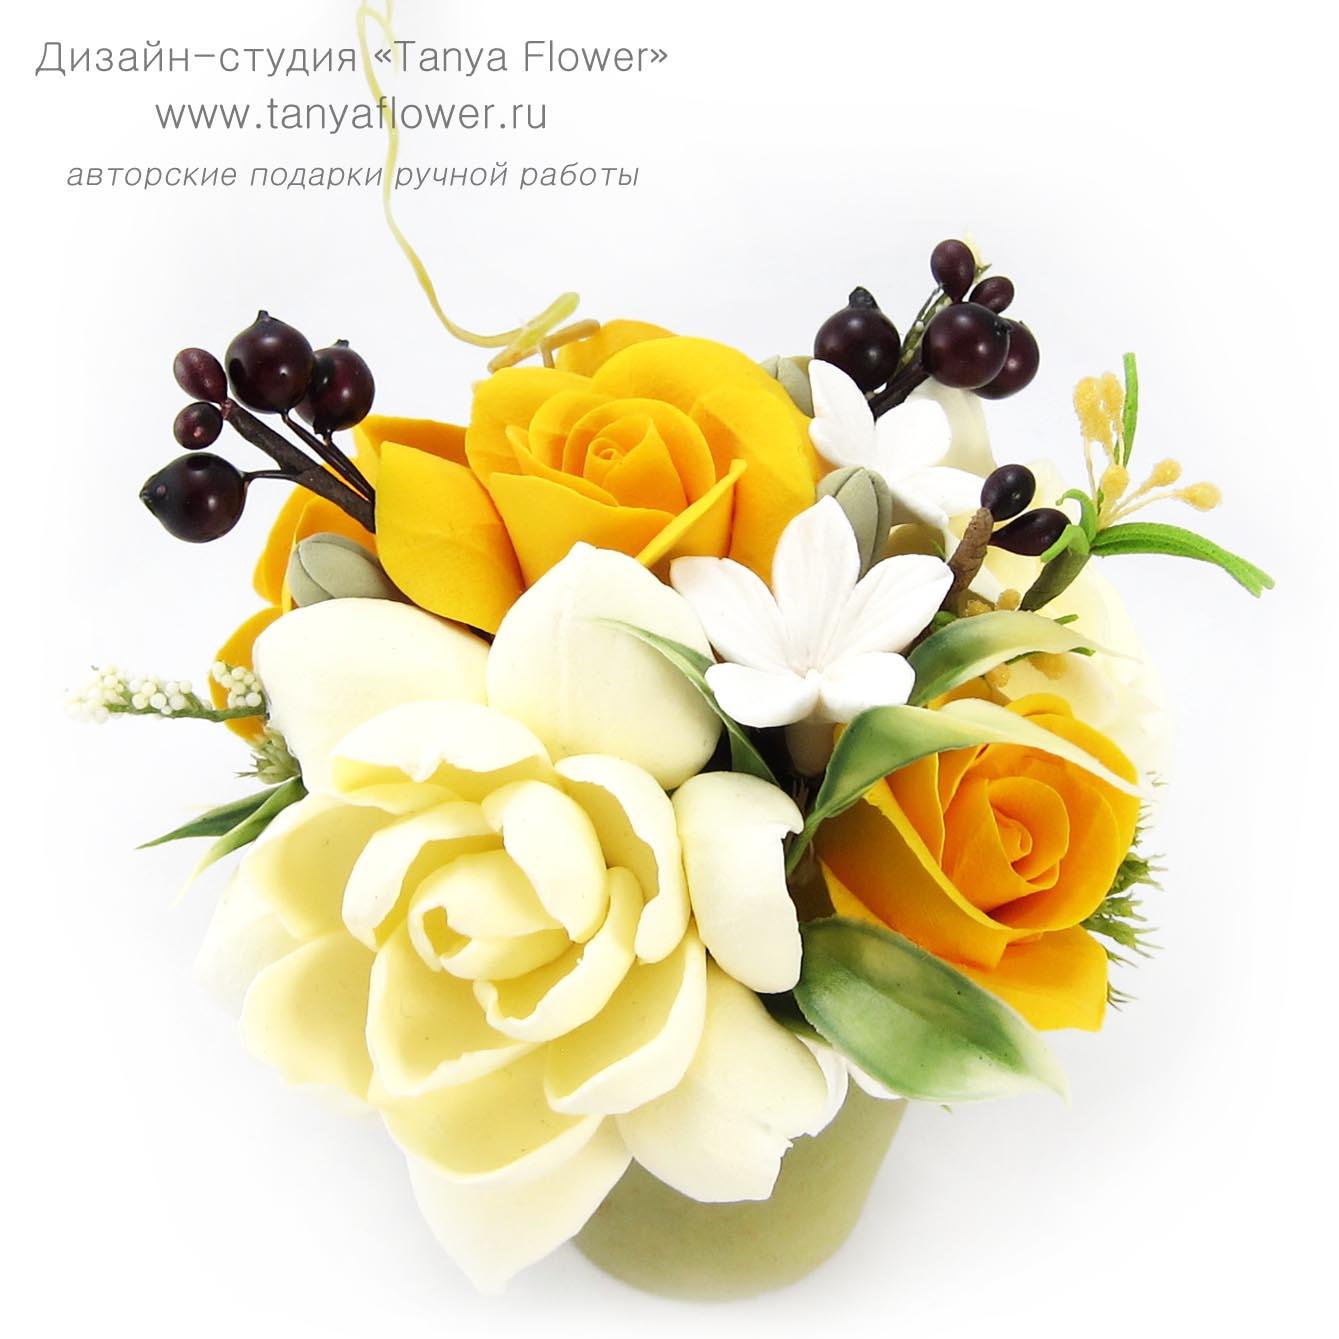 Открытки с желтыми розами